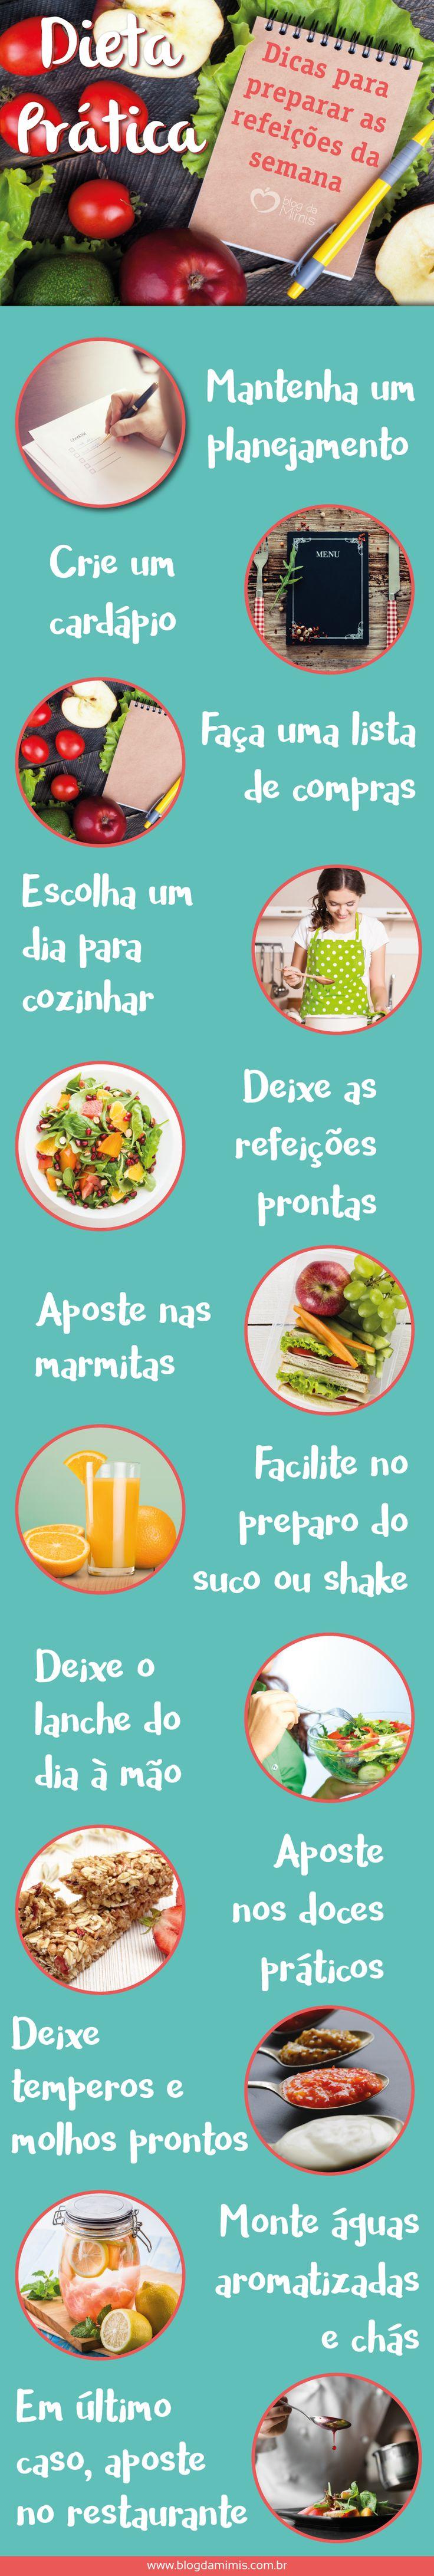 Dieta prática: dicas para preparar as refeições da semana - Blog da Mimis -  12 Truques infalíveis para manter a dieta mesmo SEM TEMPO!  #dieta #cardápiosemanal #cardápio #menulight #tempo #praticidade #dicas